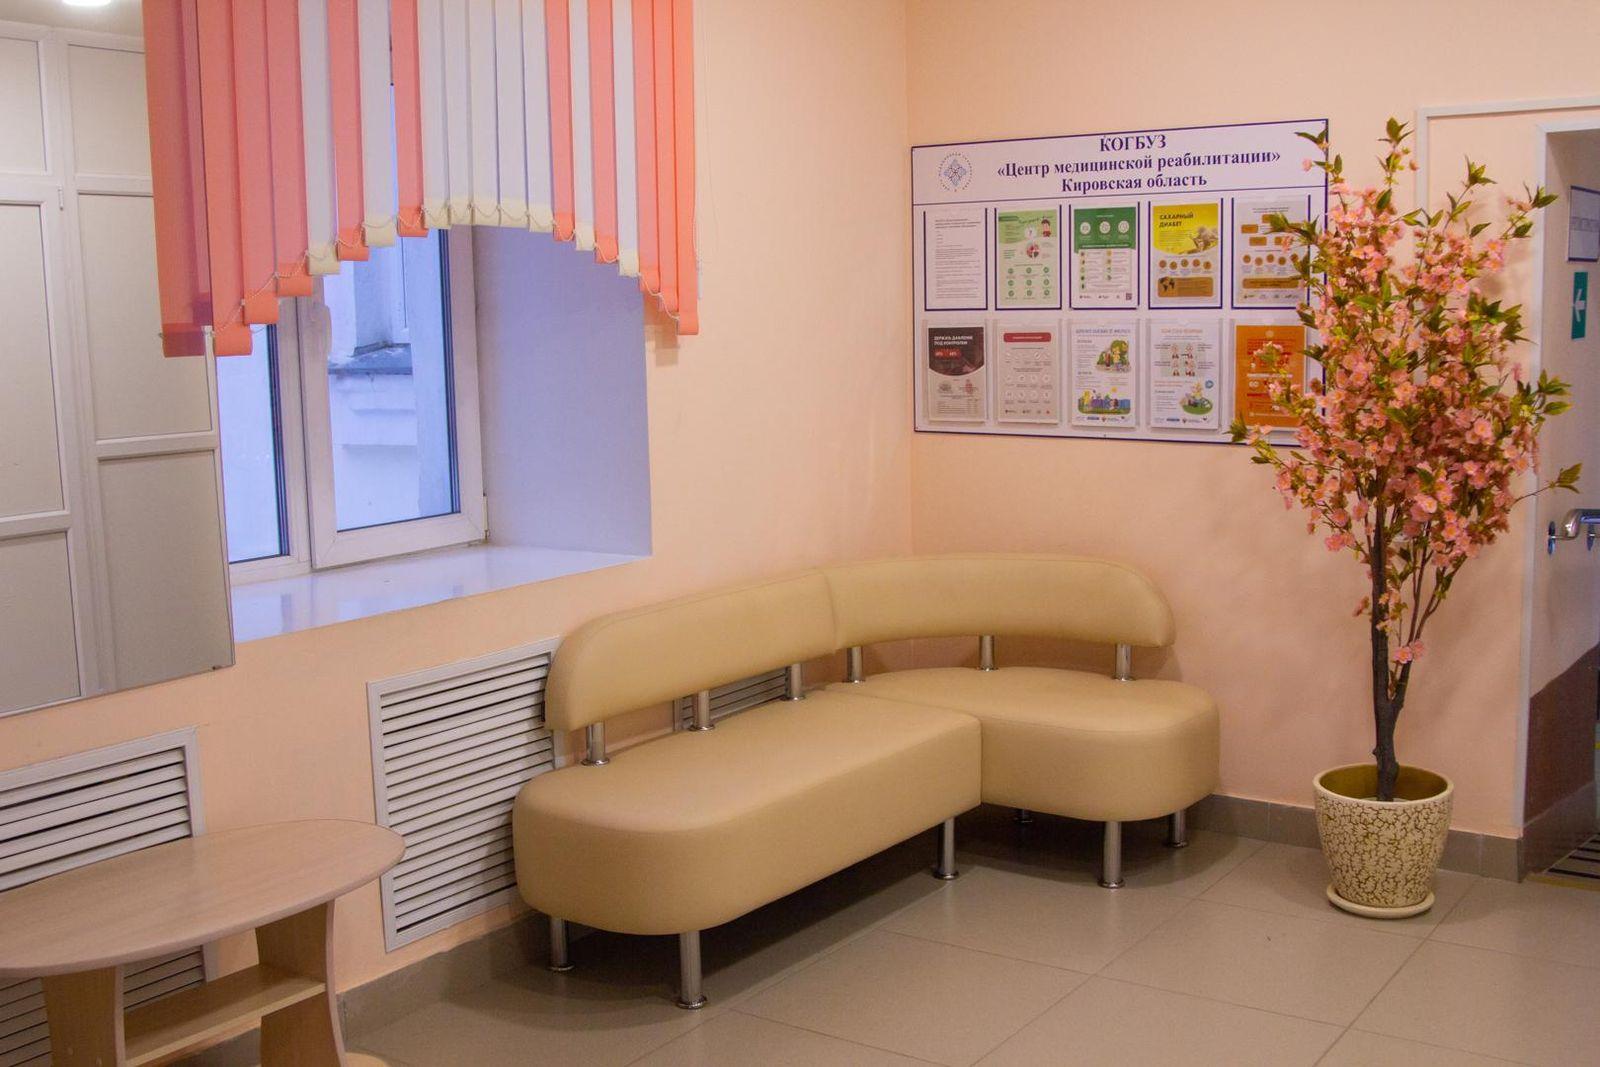 Реабилитационный центр, г. Киров